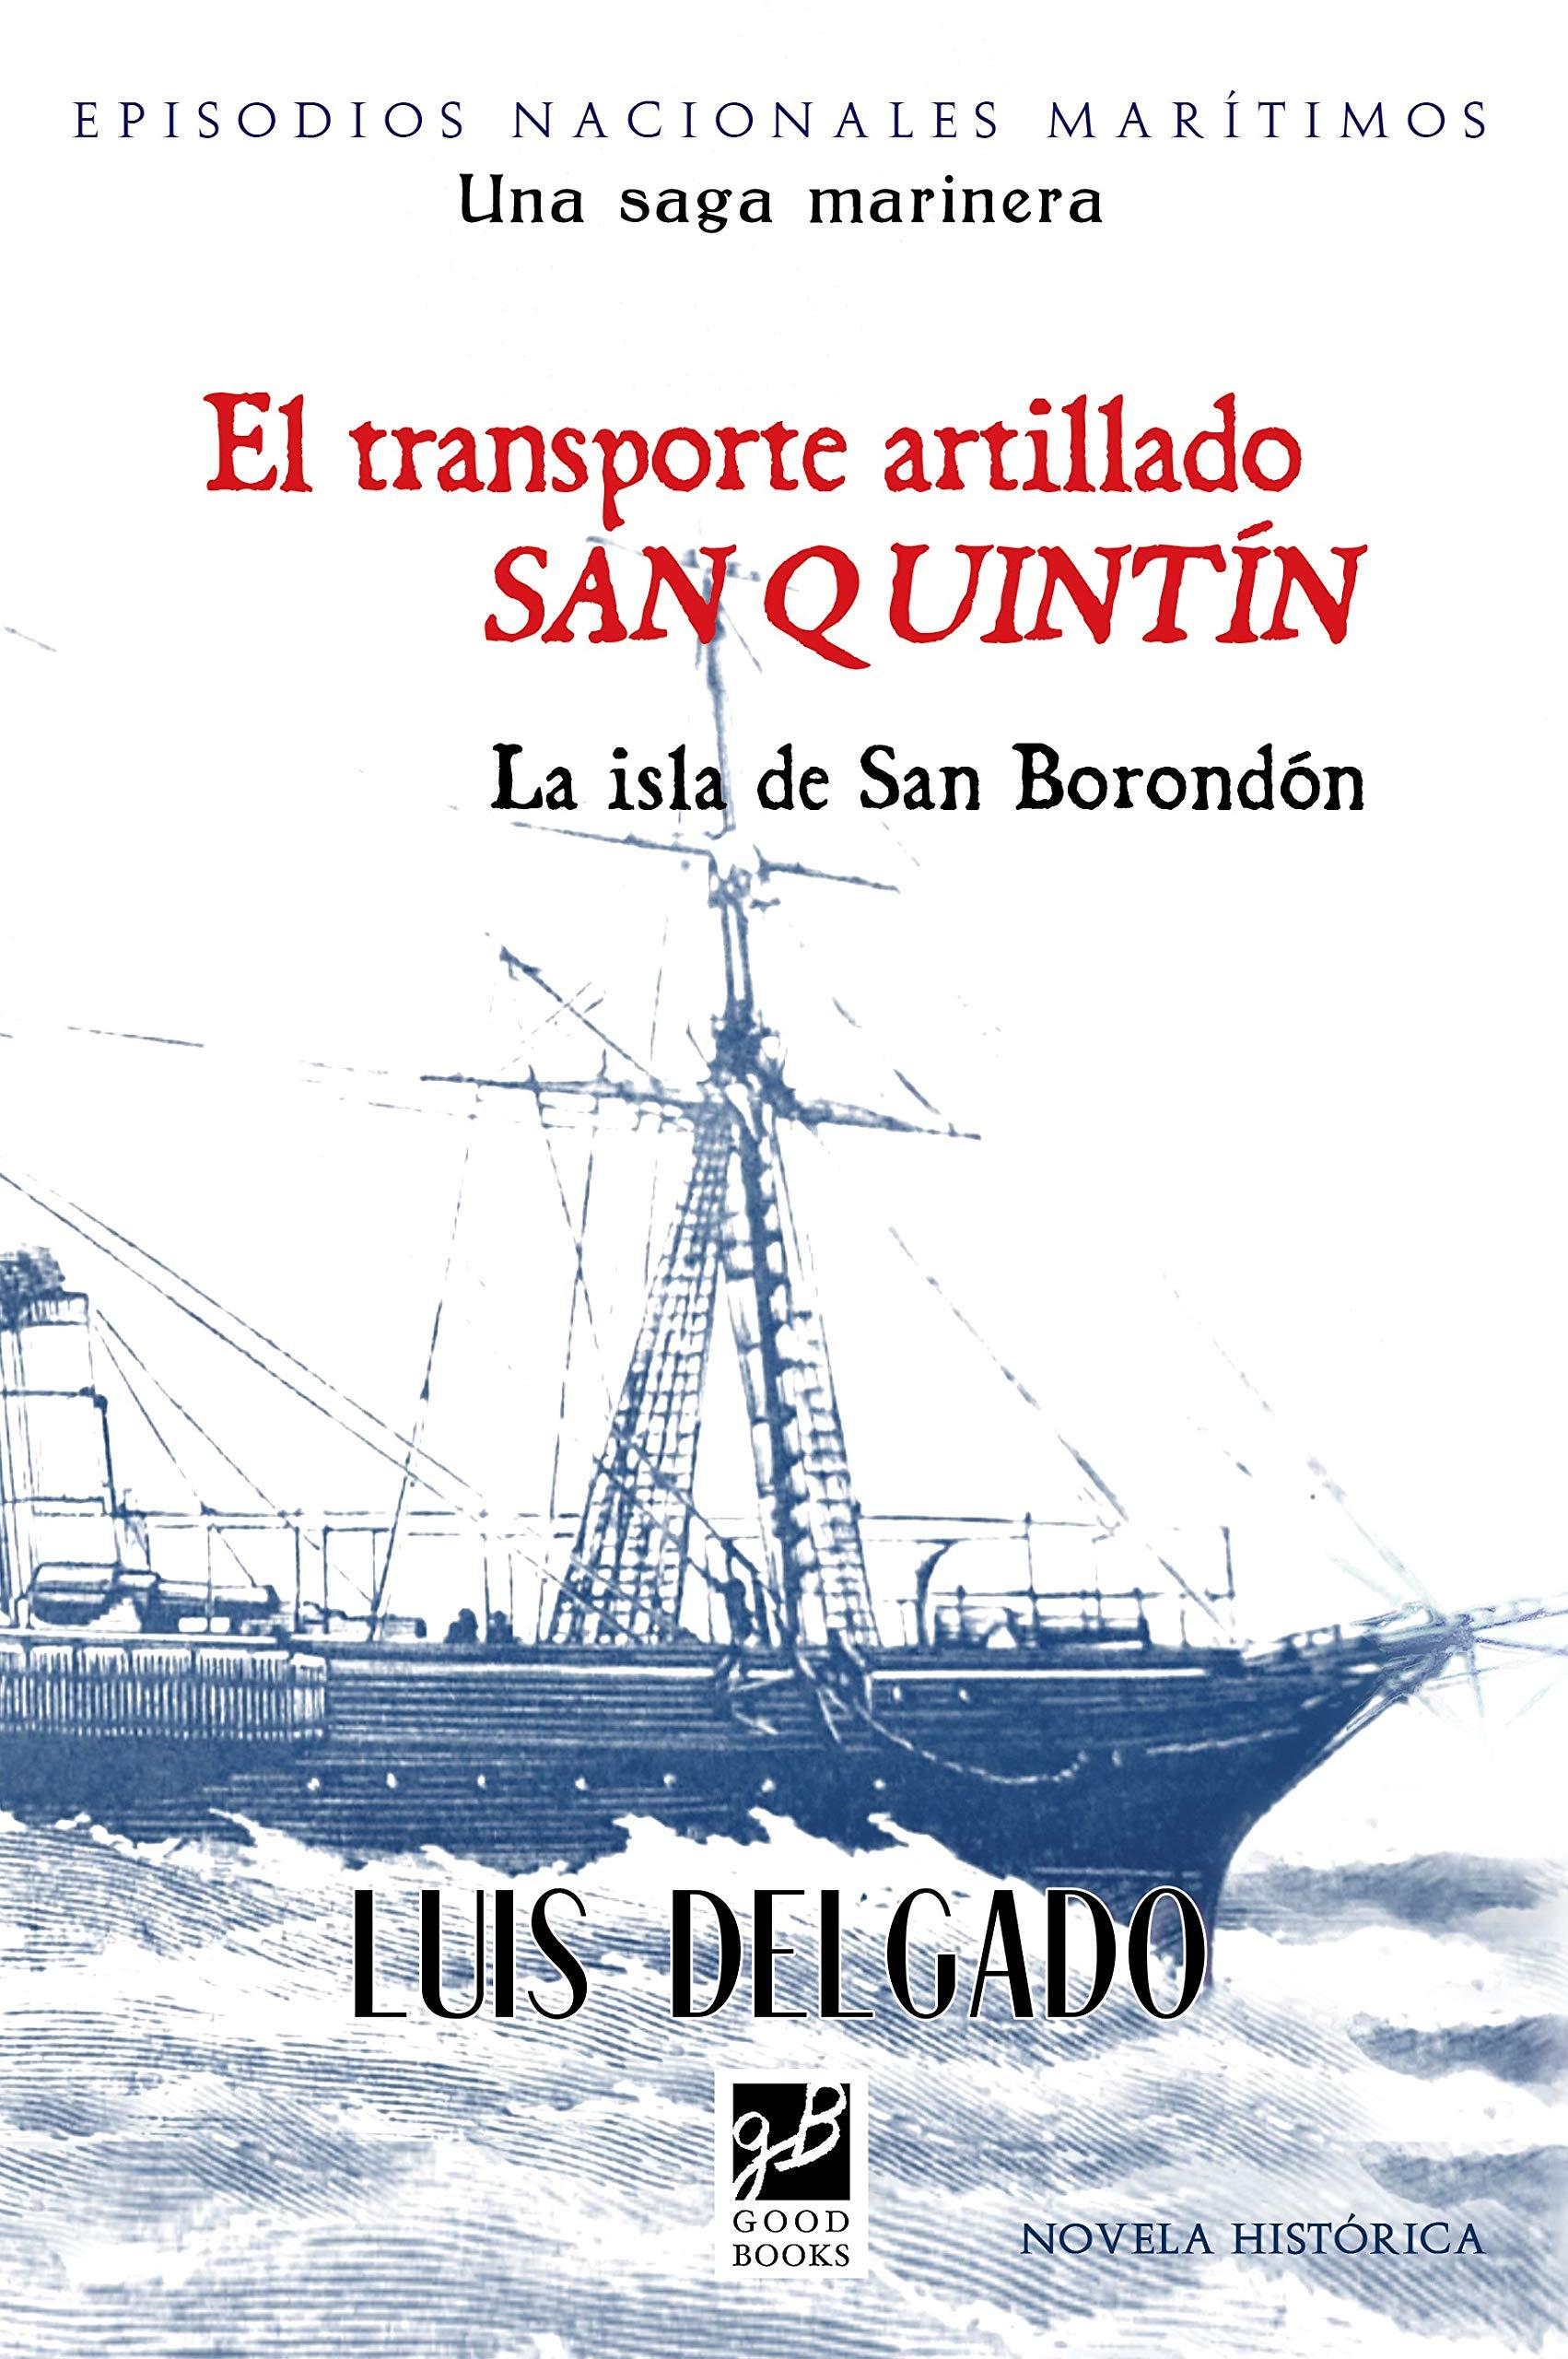 El transporte artillado San Quintín: La isla de San Borondón (Episodios Nacionales Marítimos nº 30)